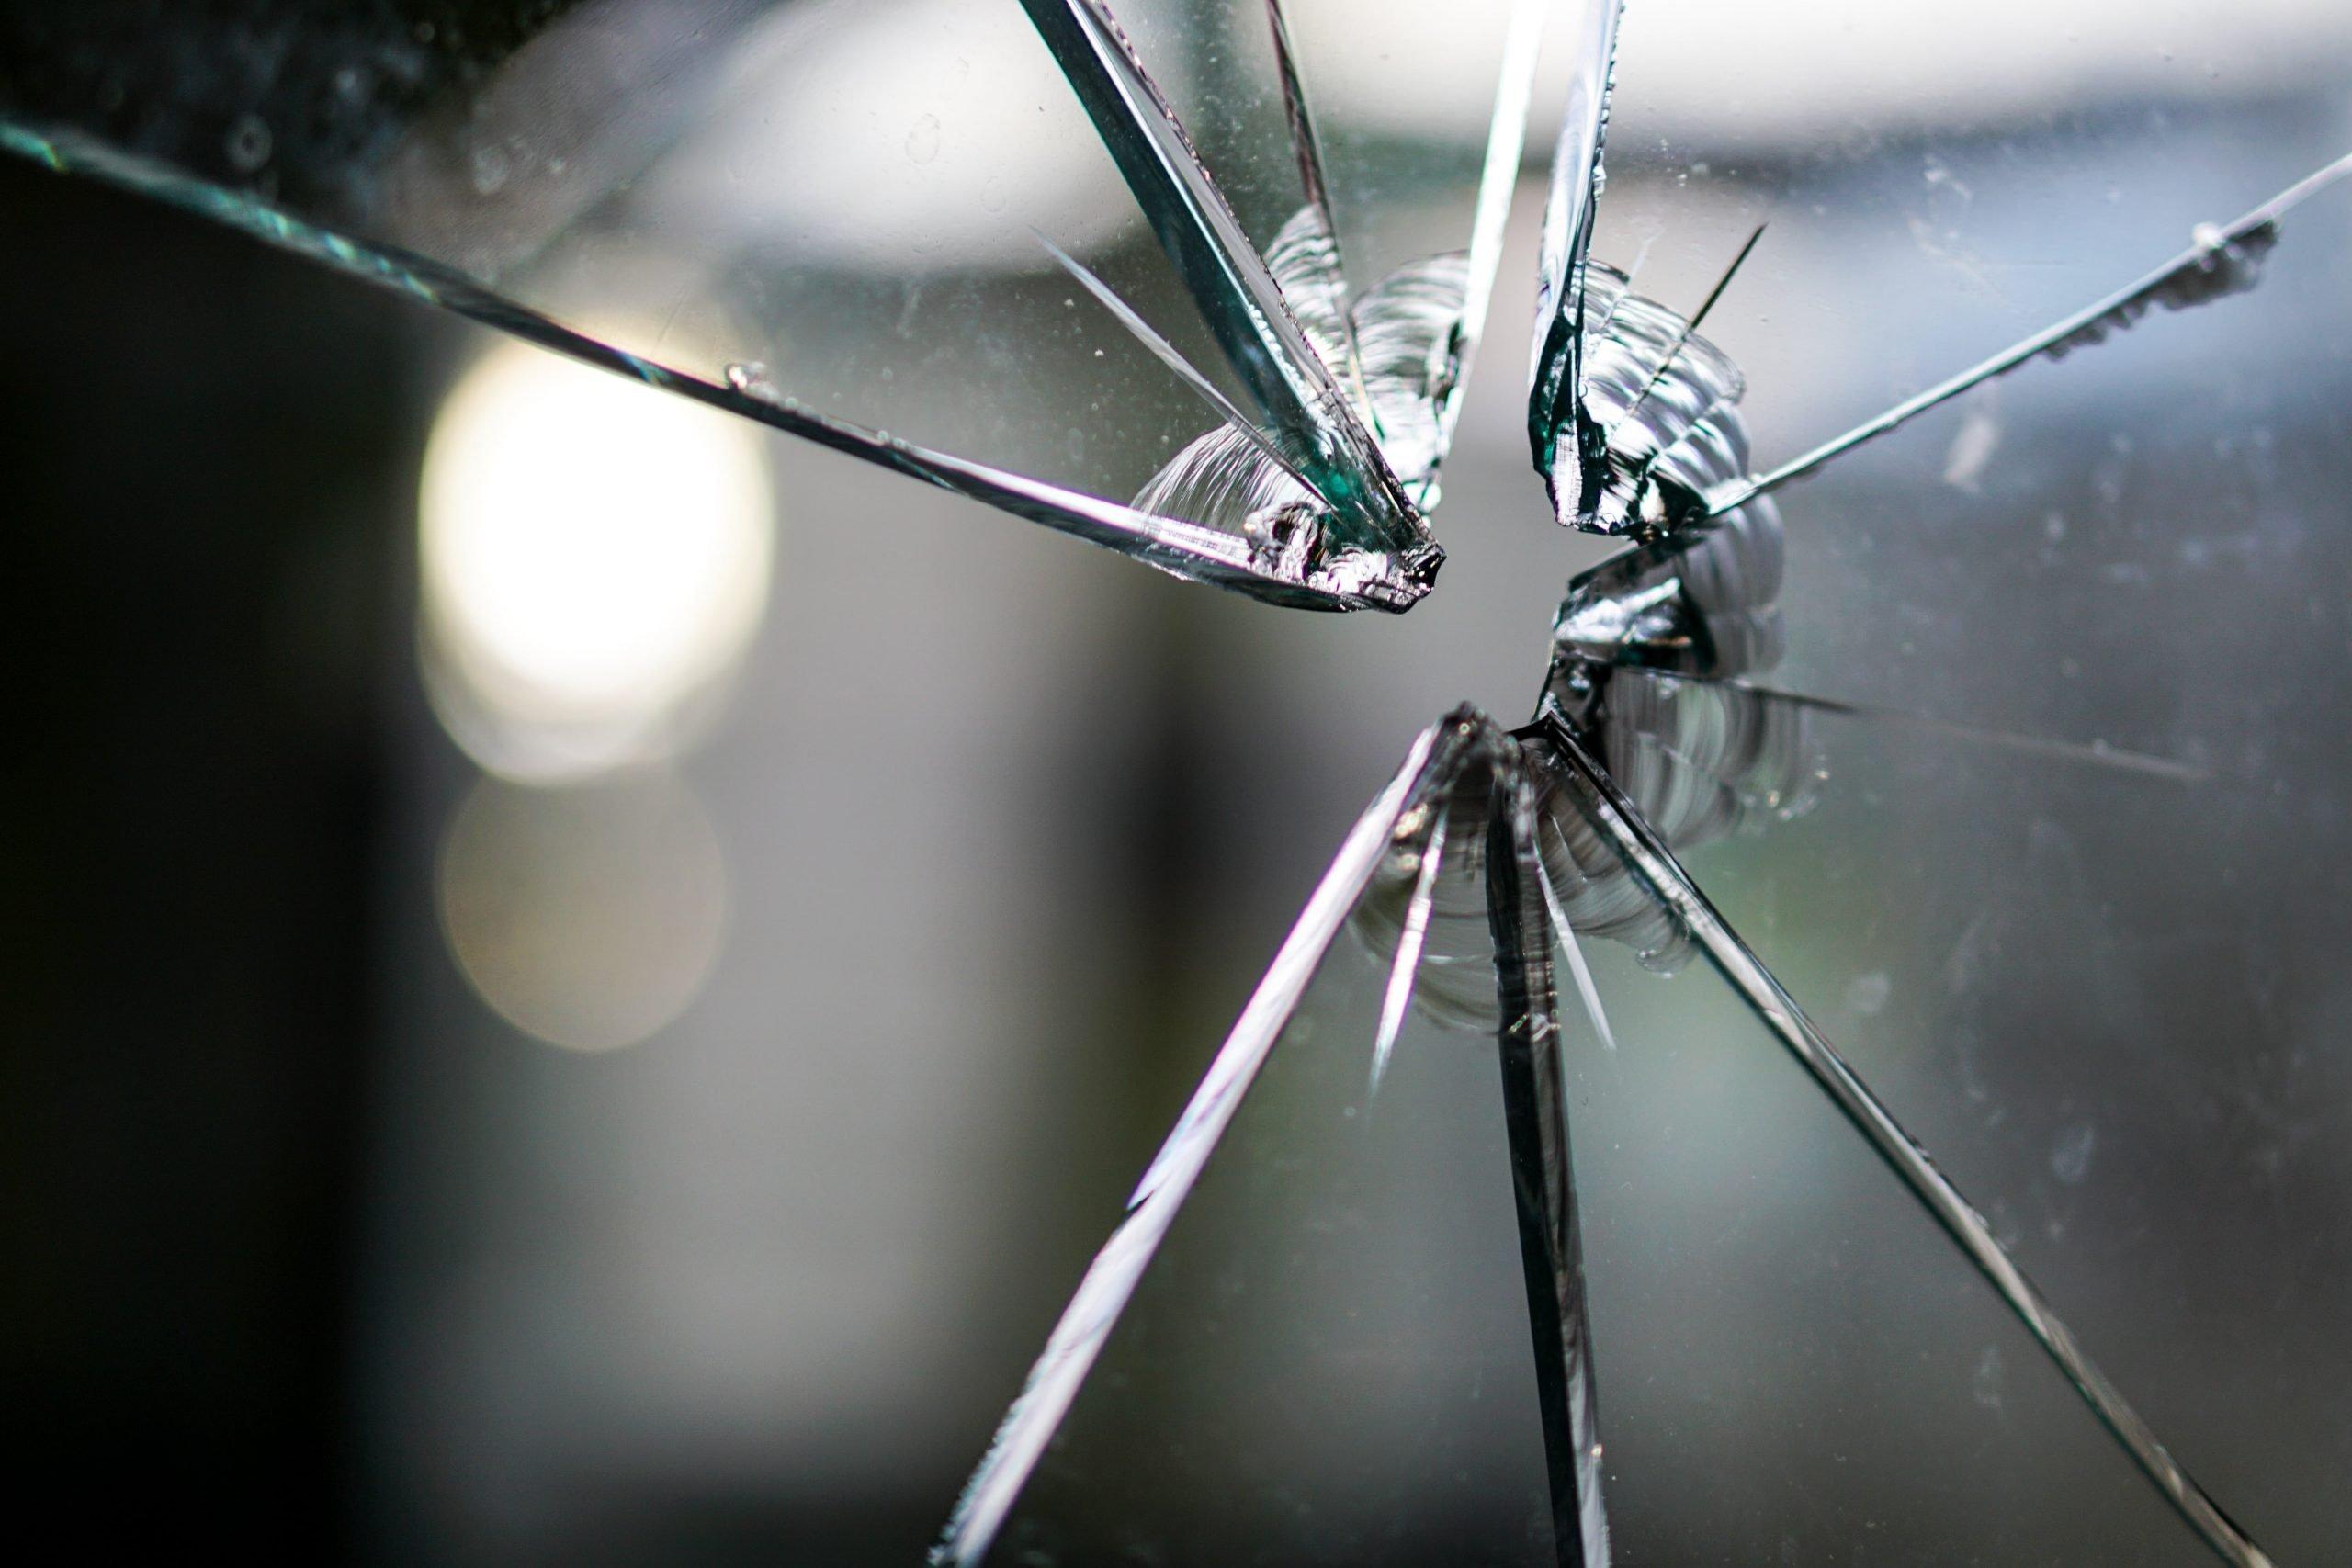 Commercial burglaries: Smash and Grab - broken window